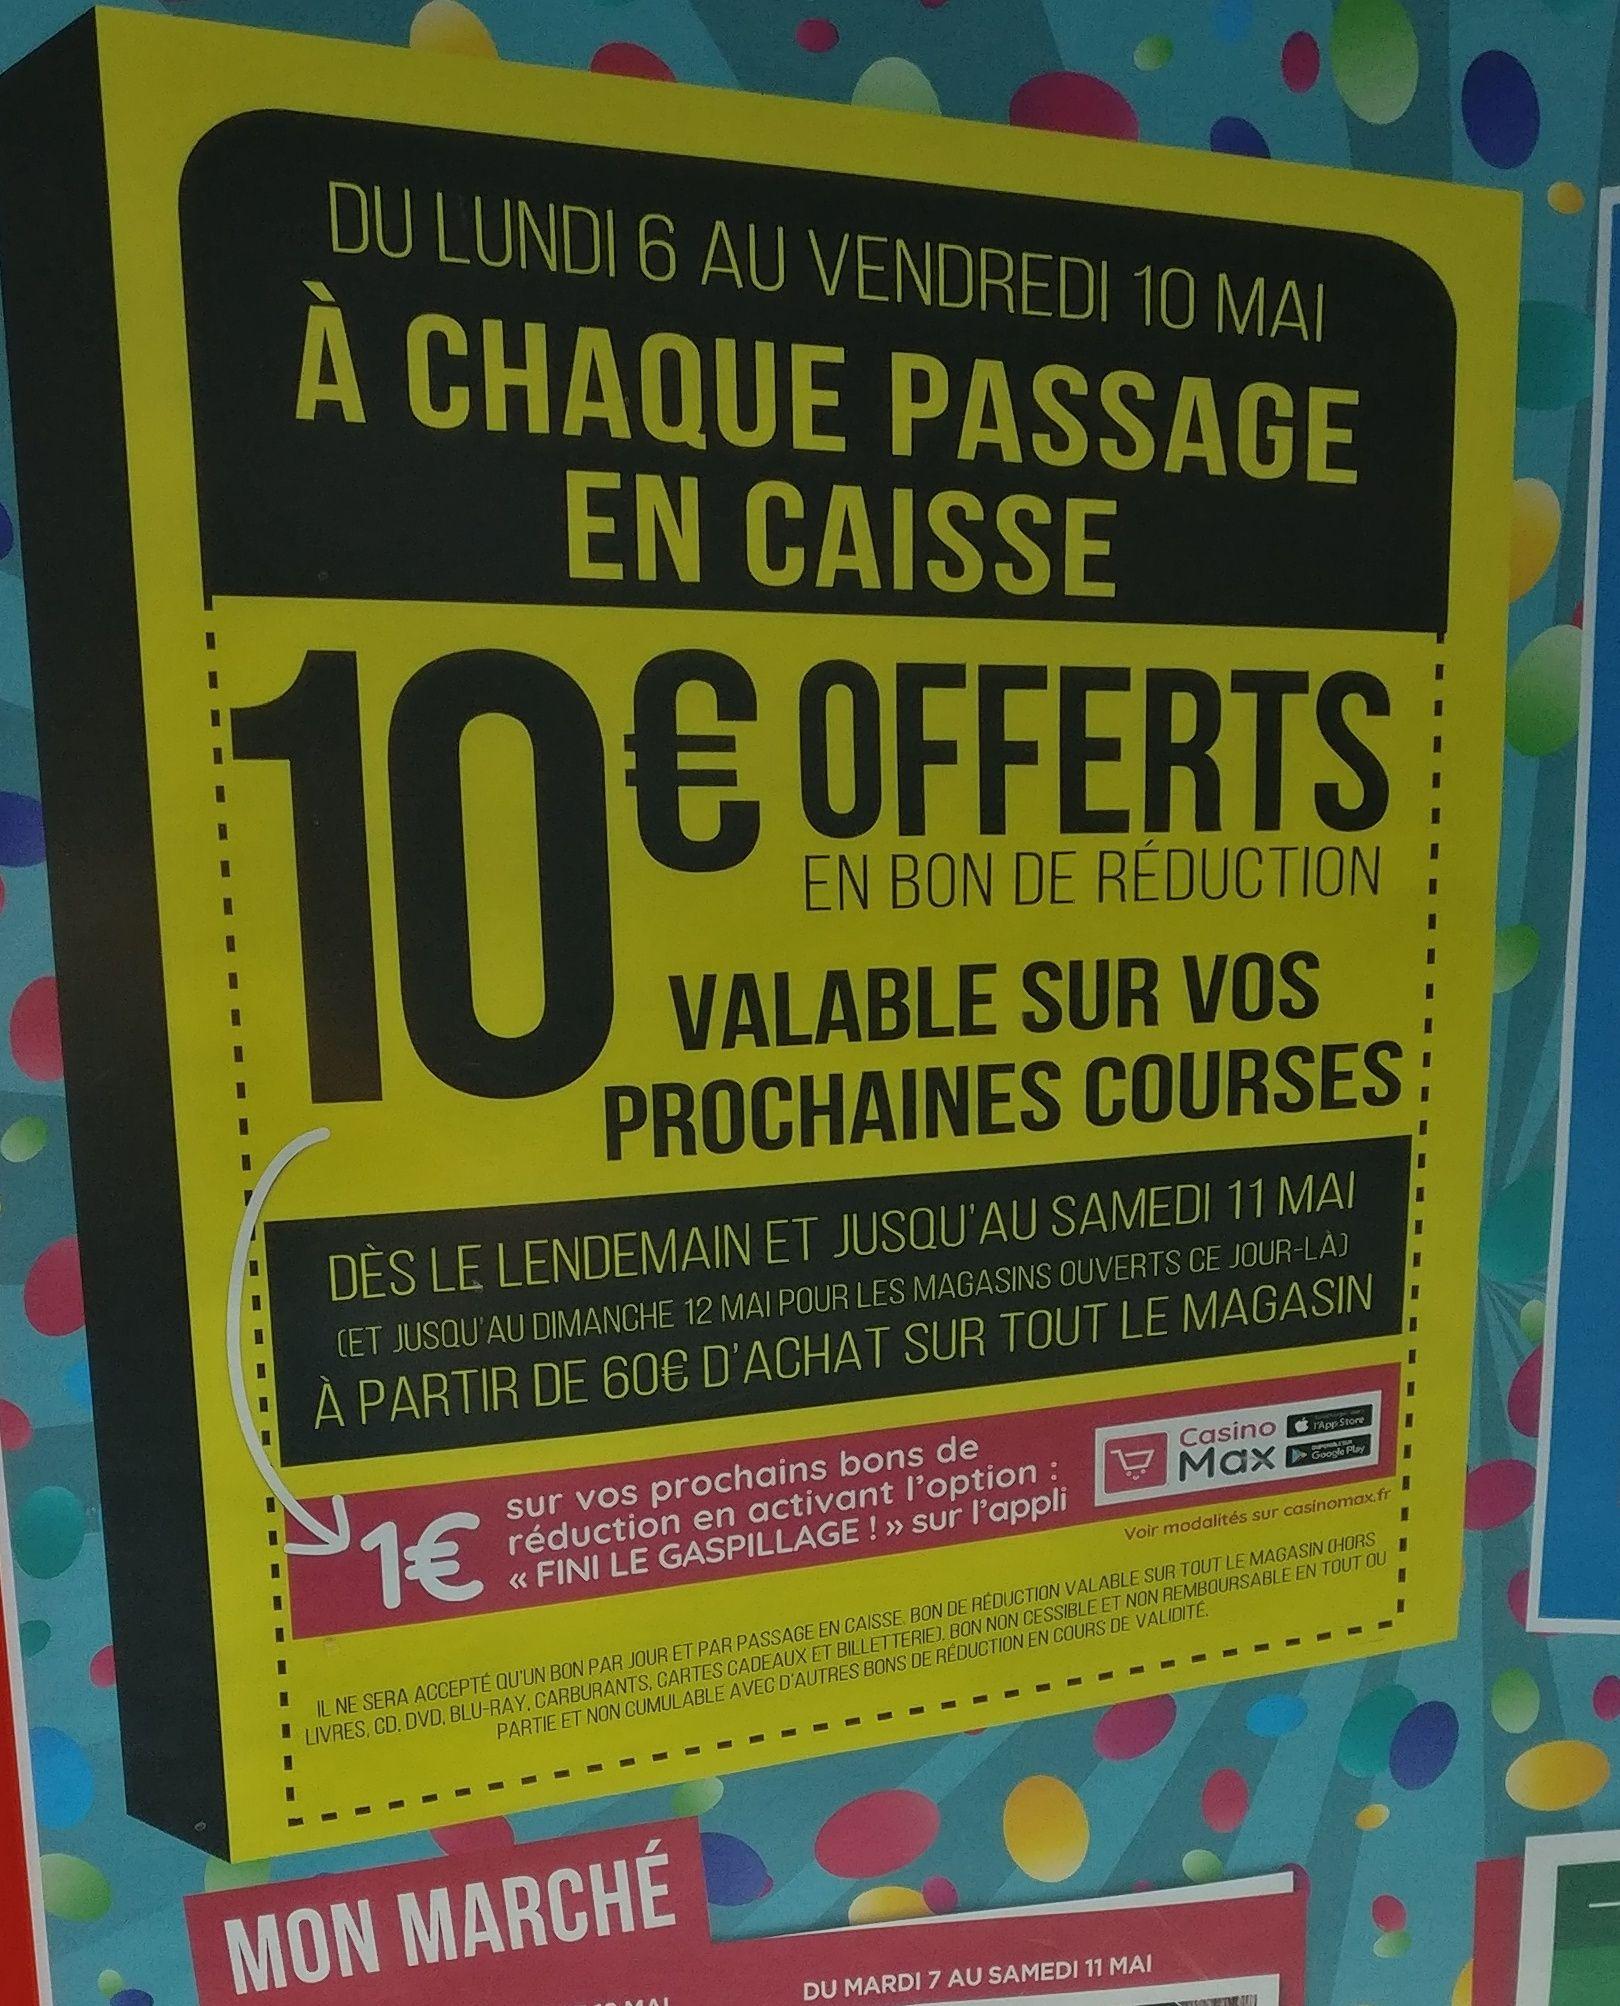 10€ offerts en bon de réduction dès 60€ d'achat - Odysseum (34)